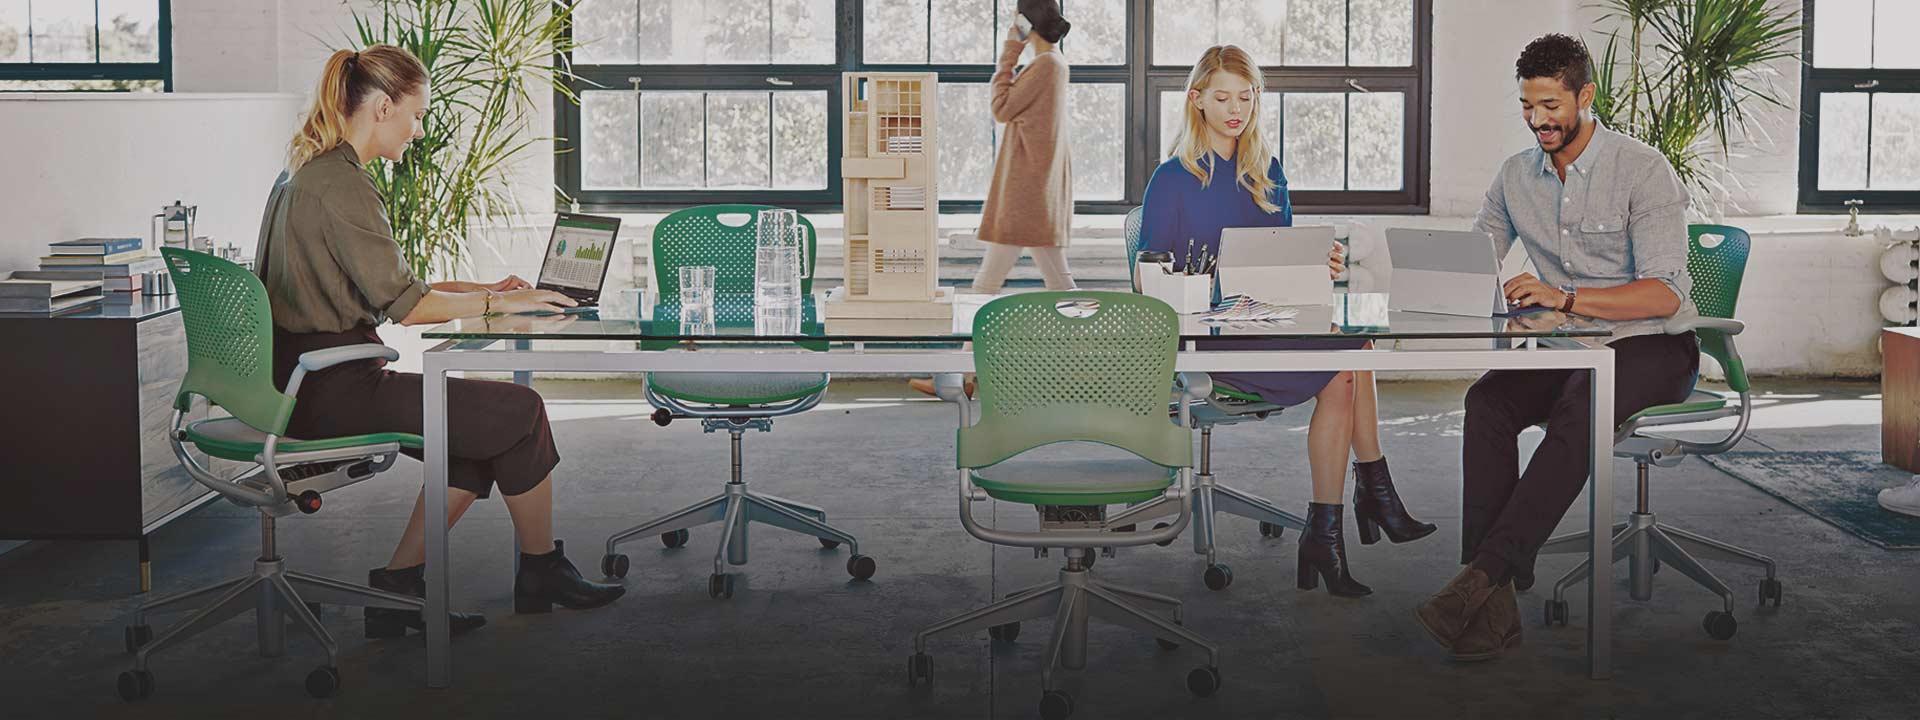 Ljudi koji rade, saznajte više o sustavu Office 365